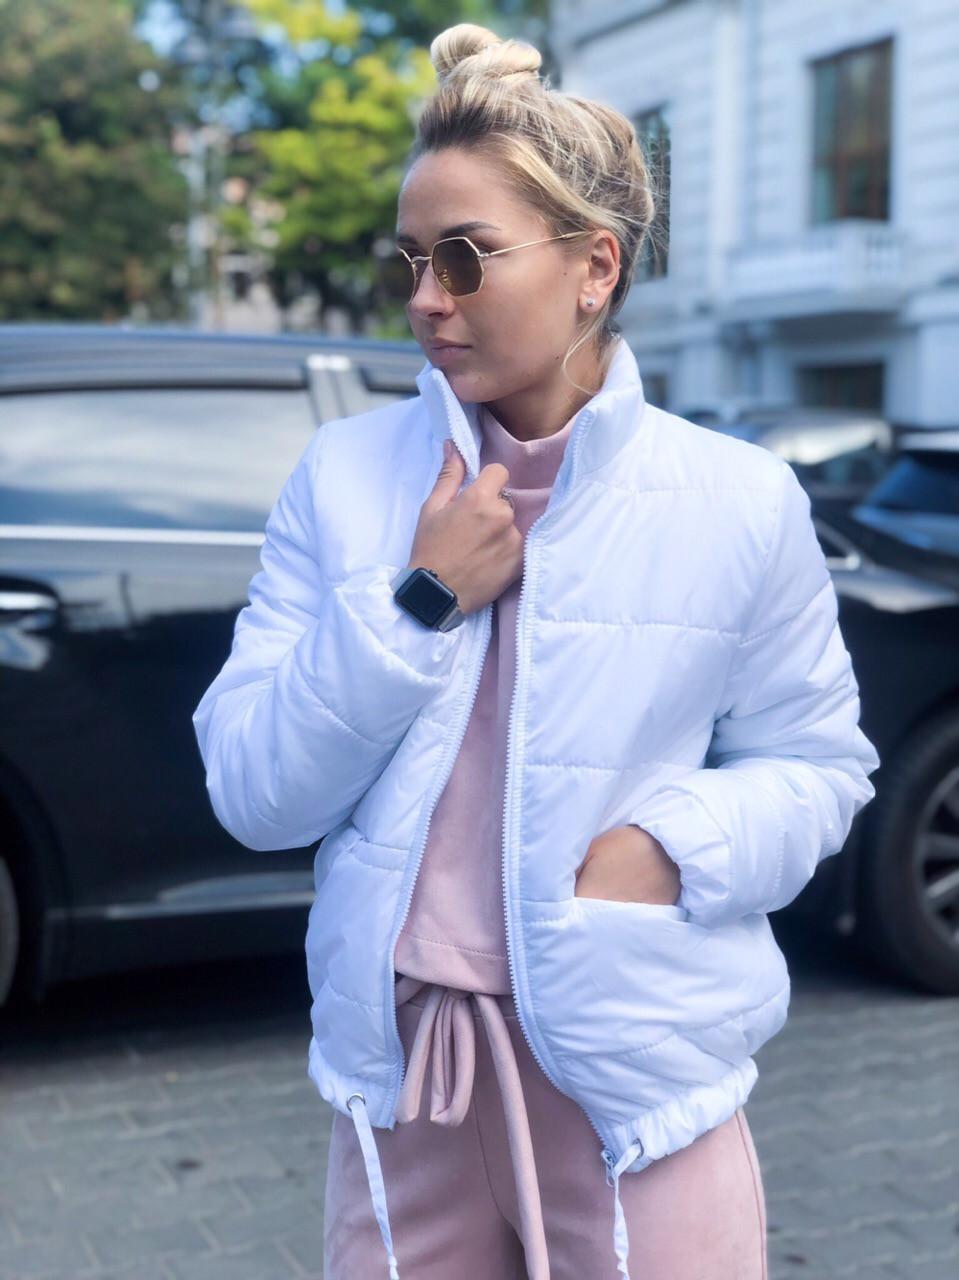 Демисезонная куртка белая осенняя плащевка 42 44 46 размеры  Новинка есть цвета